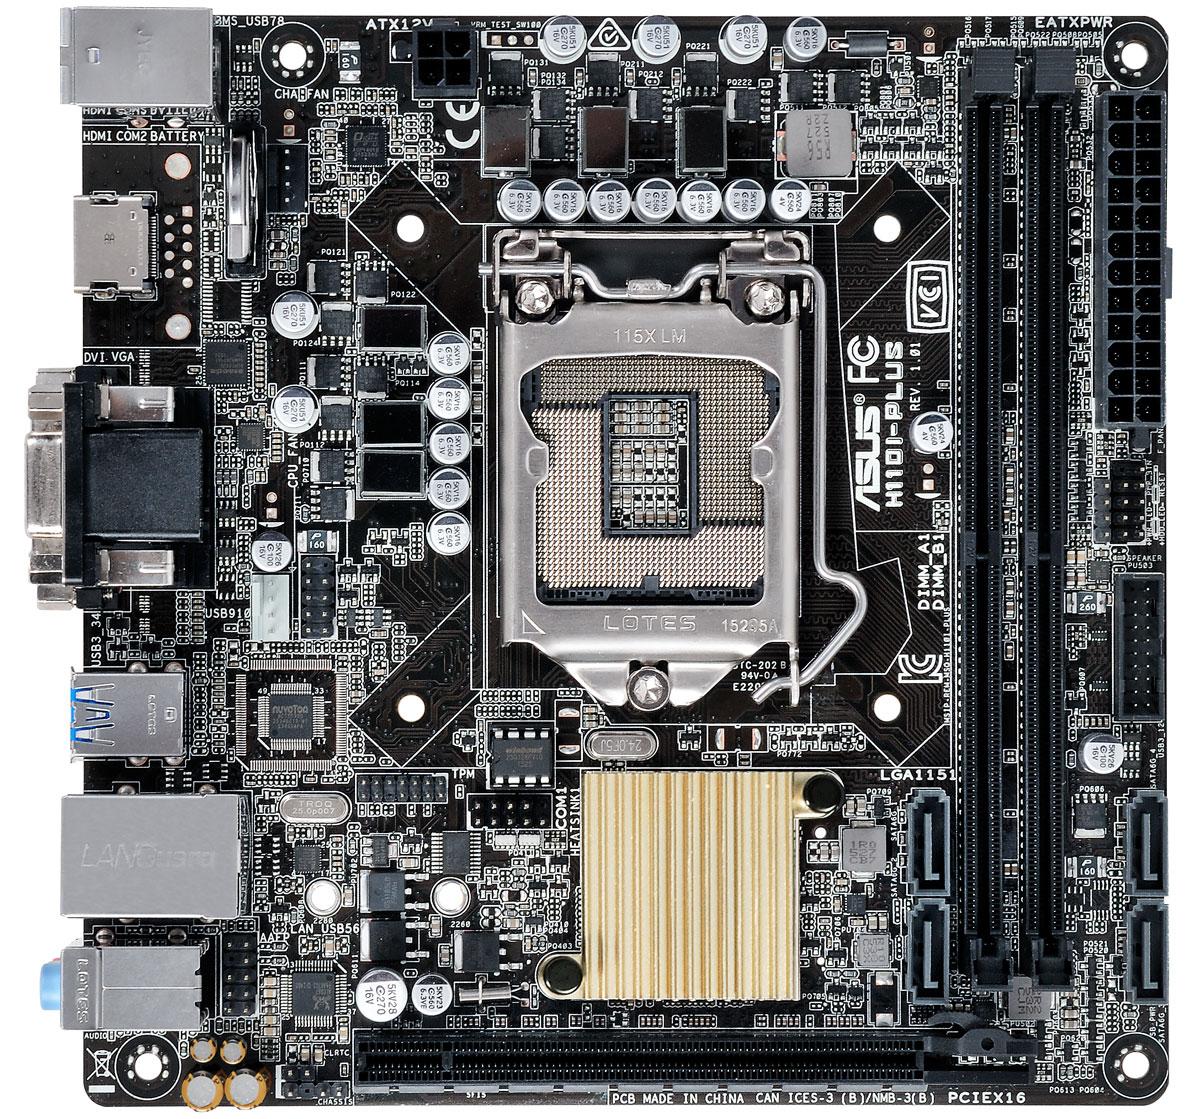 ASUS H110I-Plus материнская платаH110I-PLUSASUS H110I-PLUS - функциональная материнская плата формата mini-ITX на базе чипсета Intel H110.Материнские платы ASUS могут похвастать долгим сроком службы за счет технологии 5X Protection II, которая охватывает целый ряд инженерных решений, служащих для защиты от электрических перегрузок, коррозии, электростатических разрядов и прочих неприятностей.В системе питания данной материнской платы используются стабилизаторы, обеспечивающие защиту от перепадов напряжения, которые могут возникнуть при использовании блоков питания не самого высокого качества.Данная материнская плата дает возможность вывести на переднюю панель компьютерного корпуса два высокоскоростных порта USB 3.0.Слоты памяти оснащаются удобными односторонними защелками, расположенными у края материнской платы. Благодаря им вставлять и извлекать модули памяти не составит ни малейшего труда.Интеллектуальная система ASUS Fan Xpert регулирует скорость процессорного кулера и корпусных вентиляторов в зависимости от загрузки системы и температуры окружающей среды, обеспечивая бесшумную работу компьютера.Все эксклюзивные функции и технологии ASUS доступны посредством единого программного интерфейса ASUS AI Suite 3. С его помощью можно осуществлять разгон компьютера, управлять параметрами энергопотребления и вентиляторами, изменять напряжения и следить за состоянием системы. Единый интерфейс избавляет пользователя от необходимости переключаться между дюжиной разных утилит.